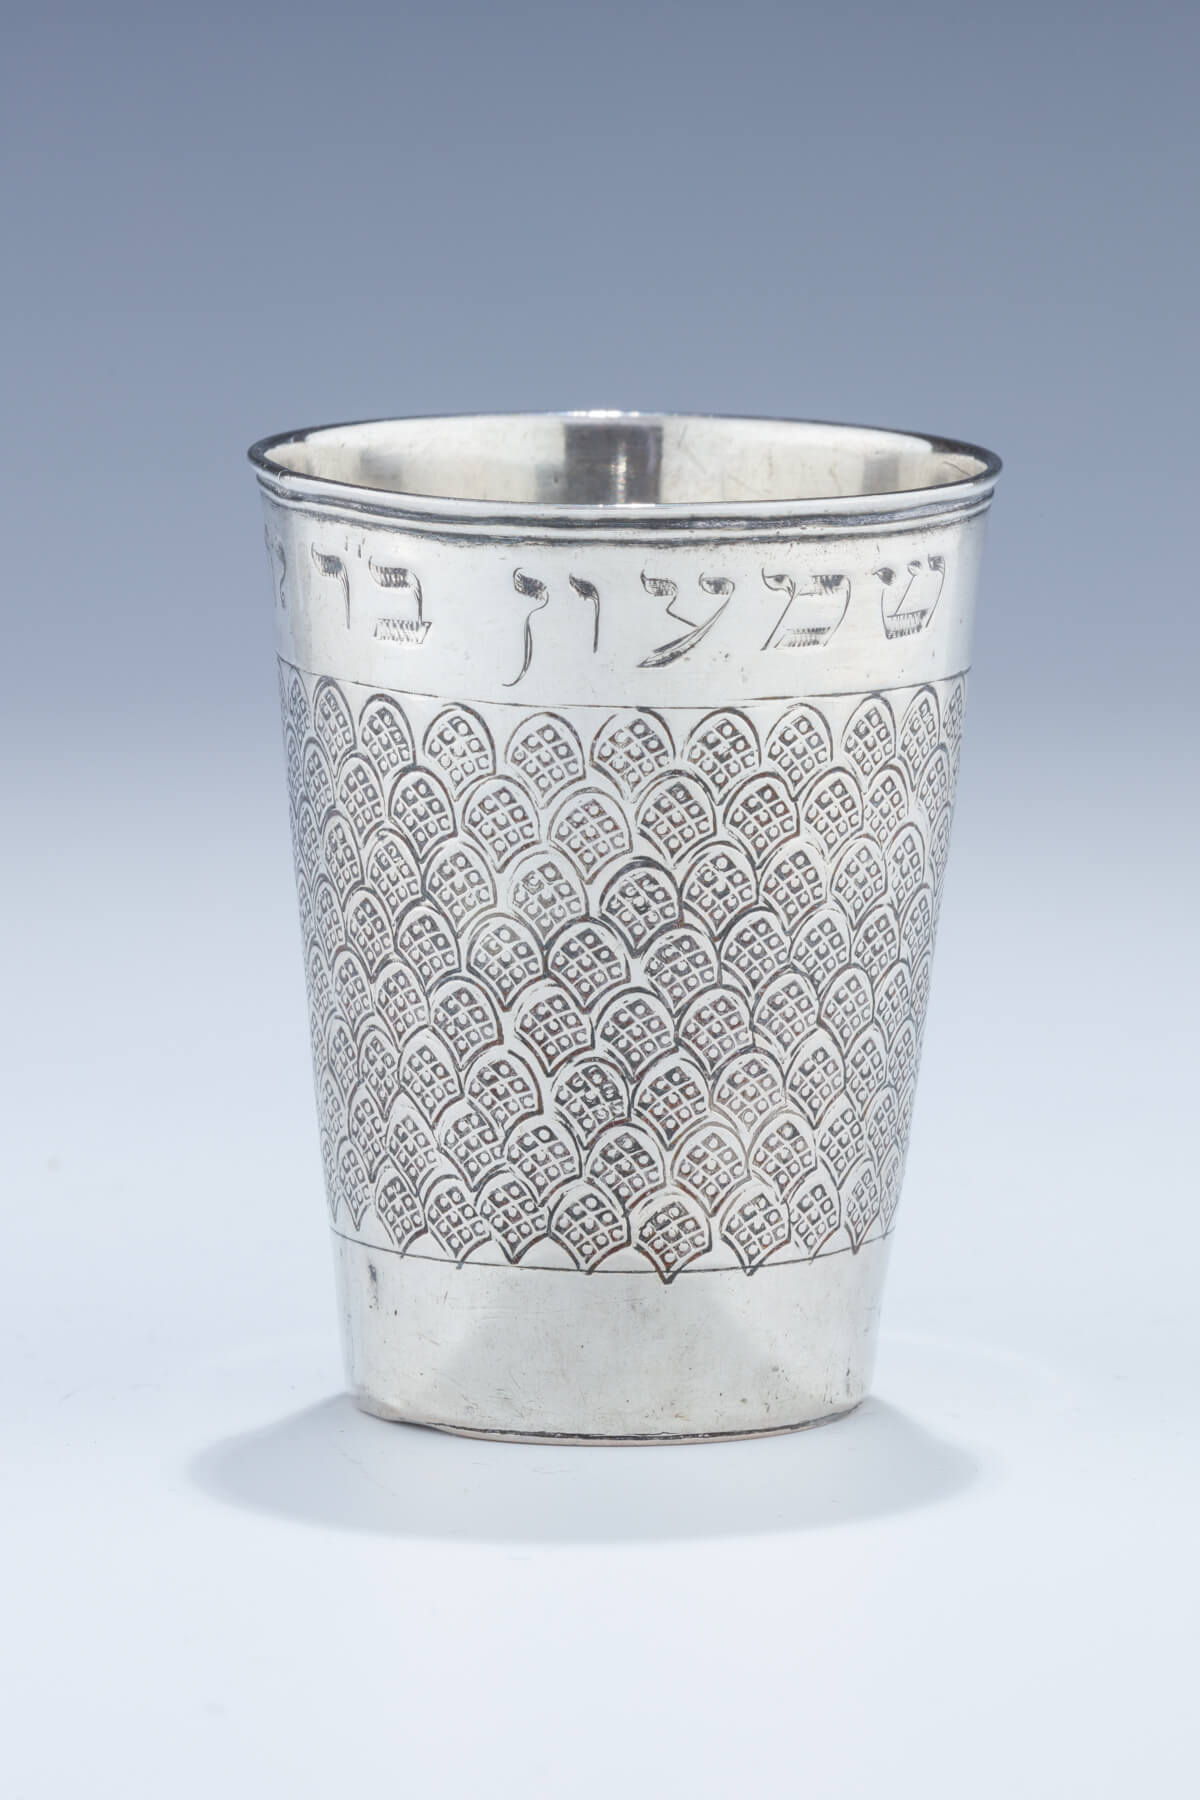 057. A Silver Kiddush Beaker